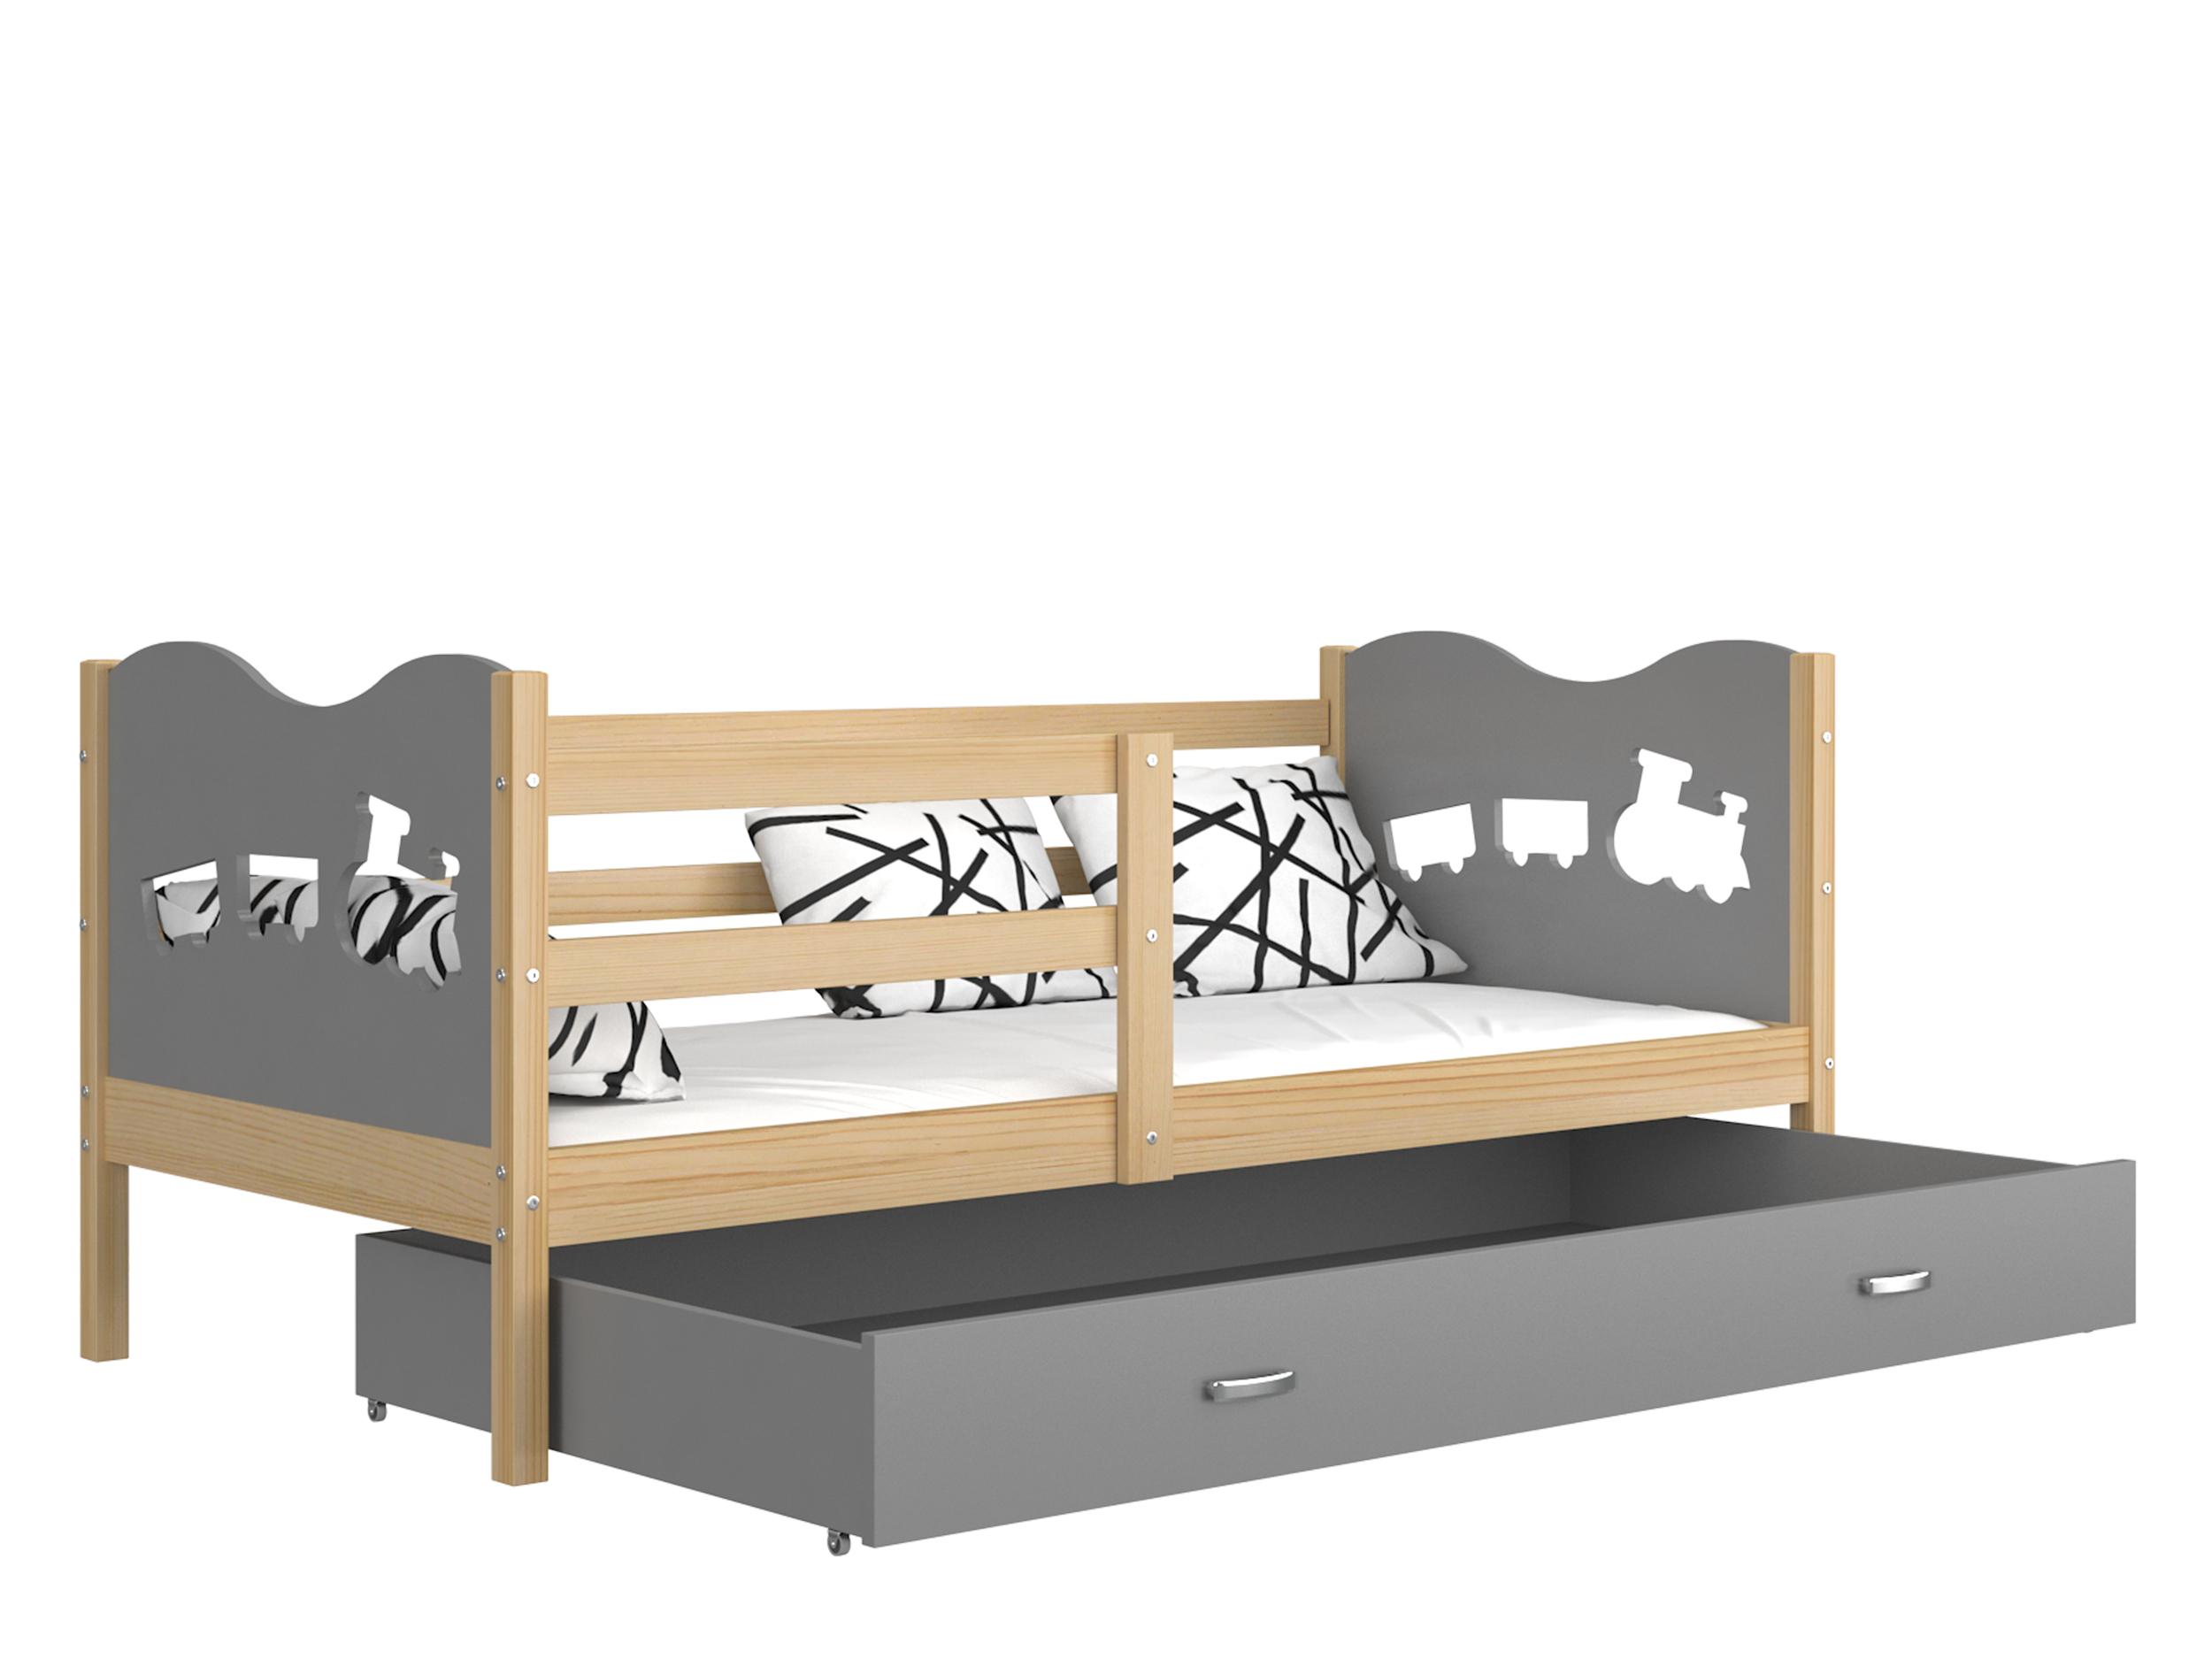 ArtAJ Detská posteľ MAX P drevo / MDF 200 x 90 cm Farba: Borovica / sivá 200 x 90 cm s matracom